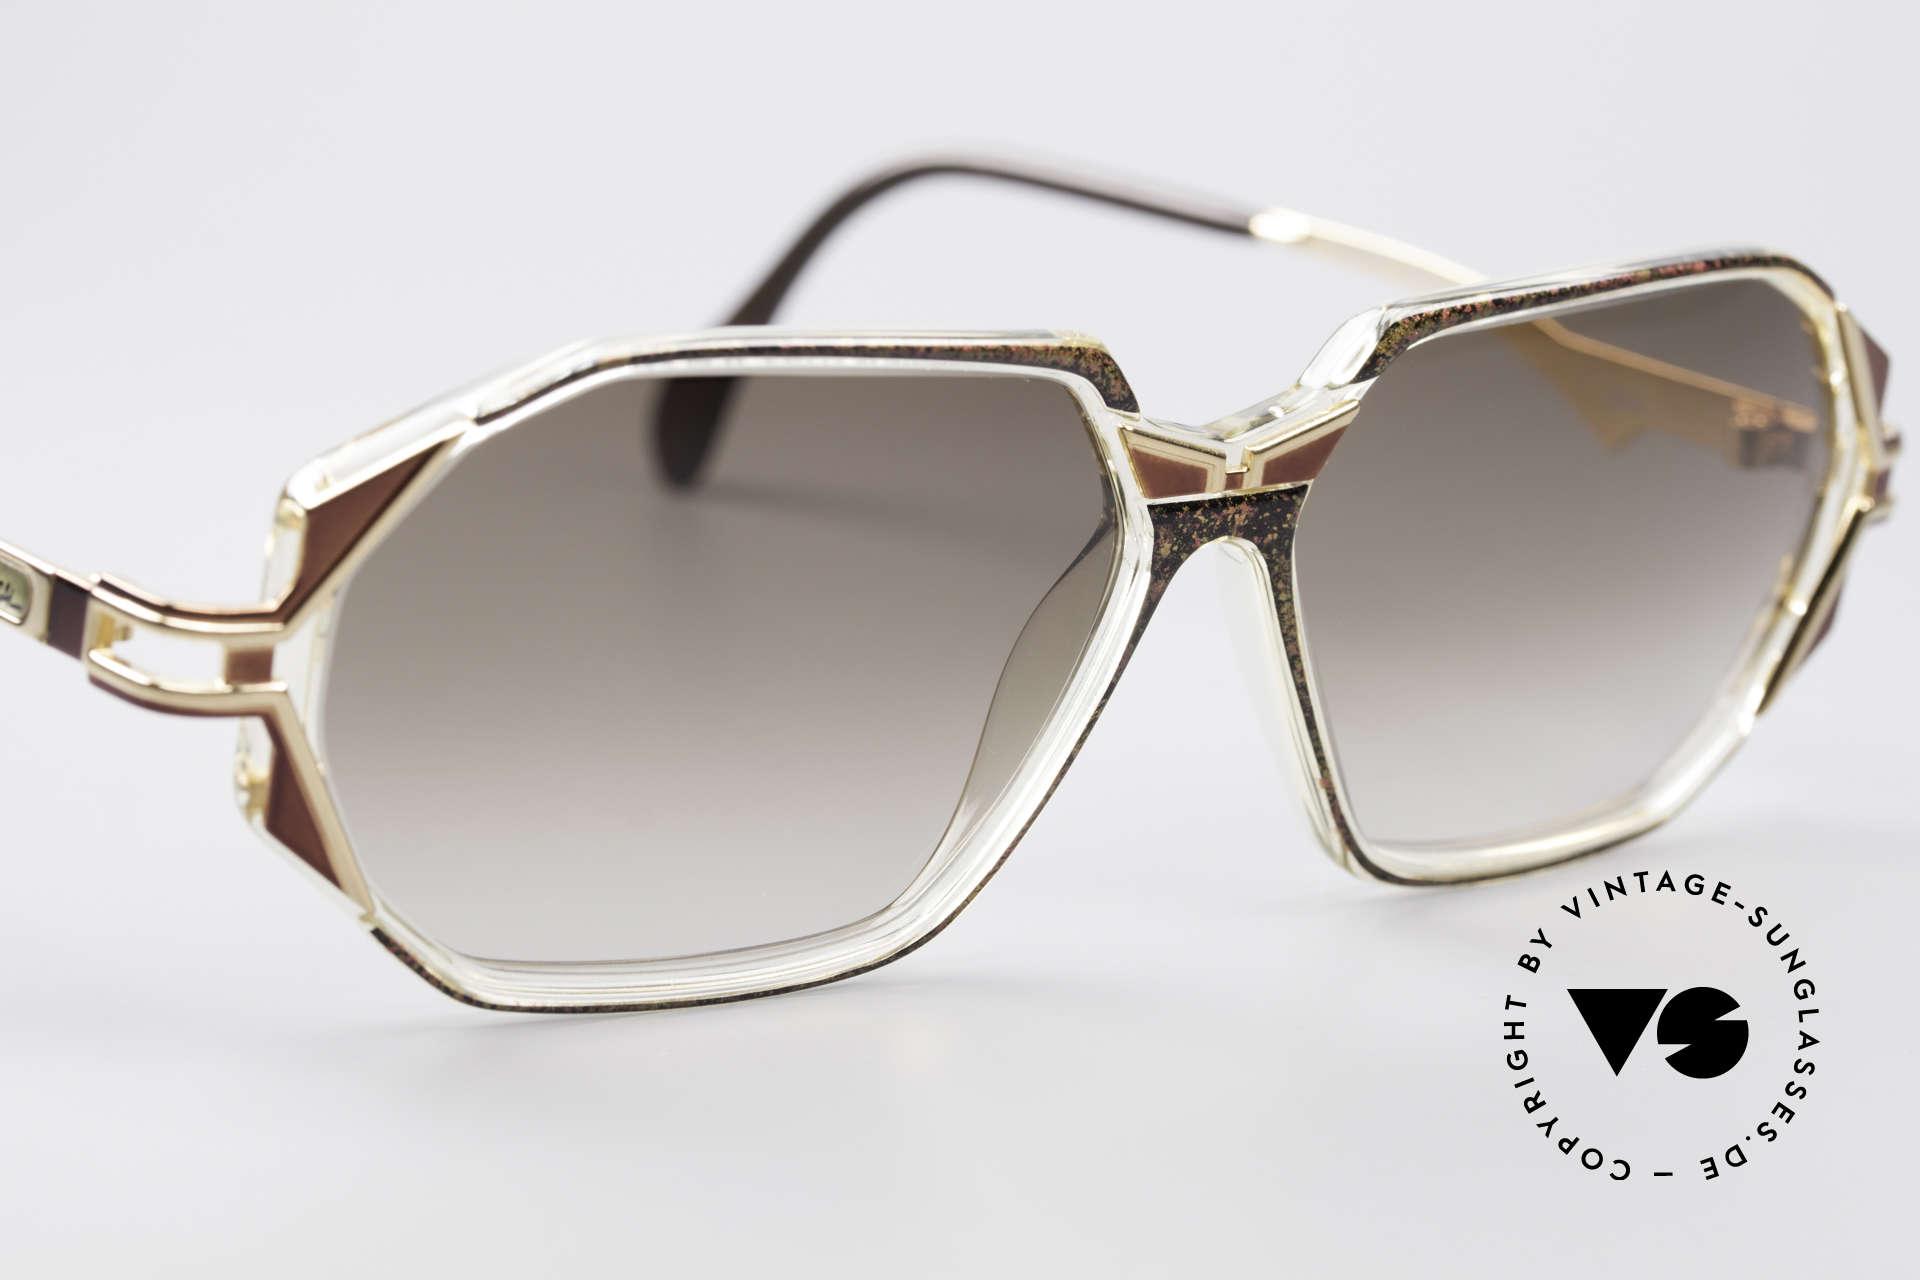 Cazal 361 Original Designer Sunglasses, never worn (like all our rare VINTAGE Cazal sunglasses), Made for Women